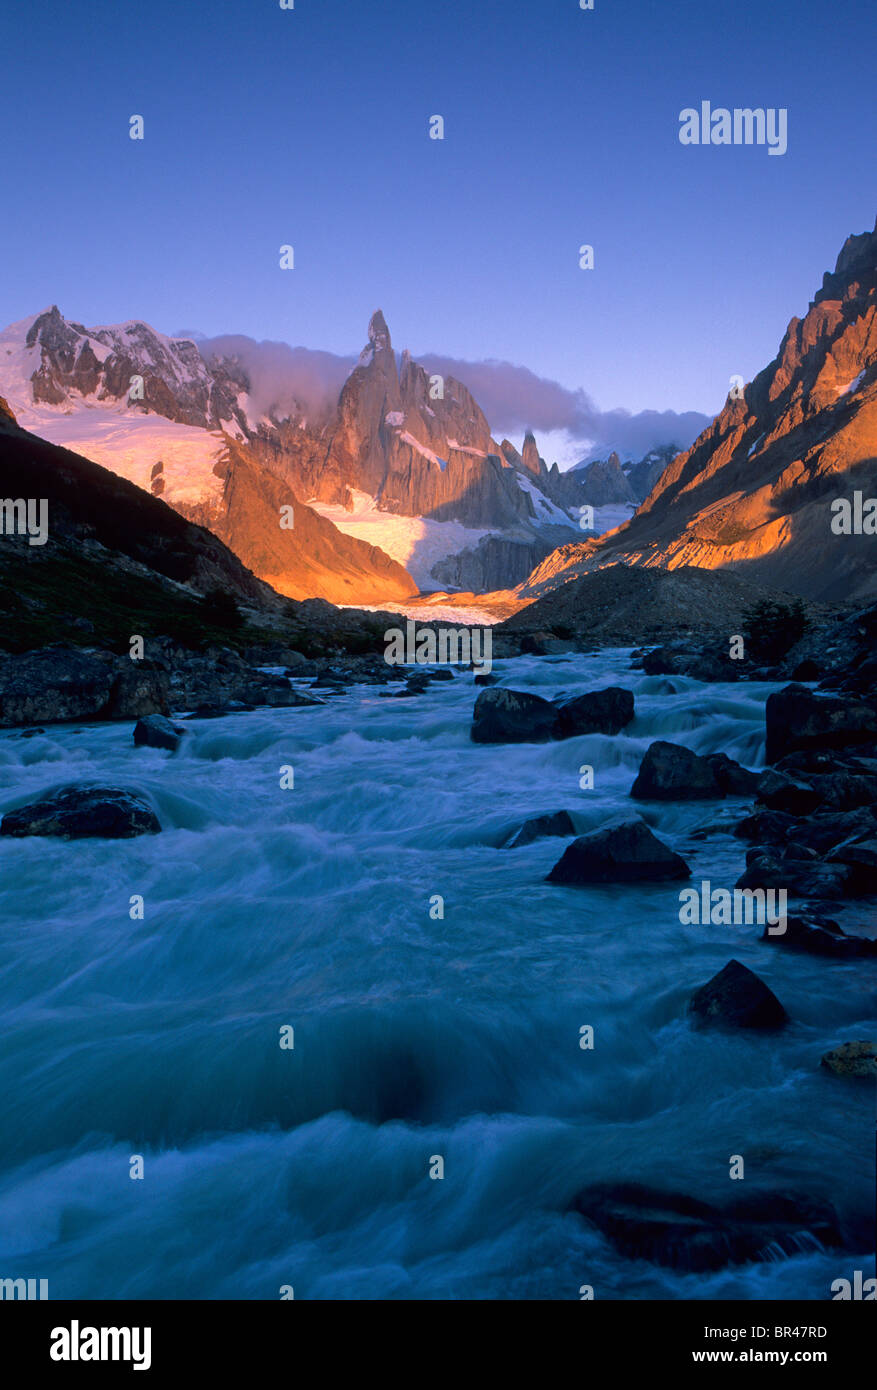 Luci di sunrise un paesaggio di montagna in Patagonia, Argentina. Immagini Stock